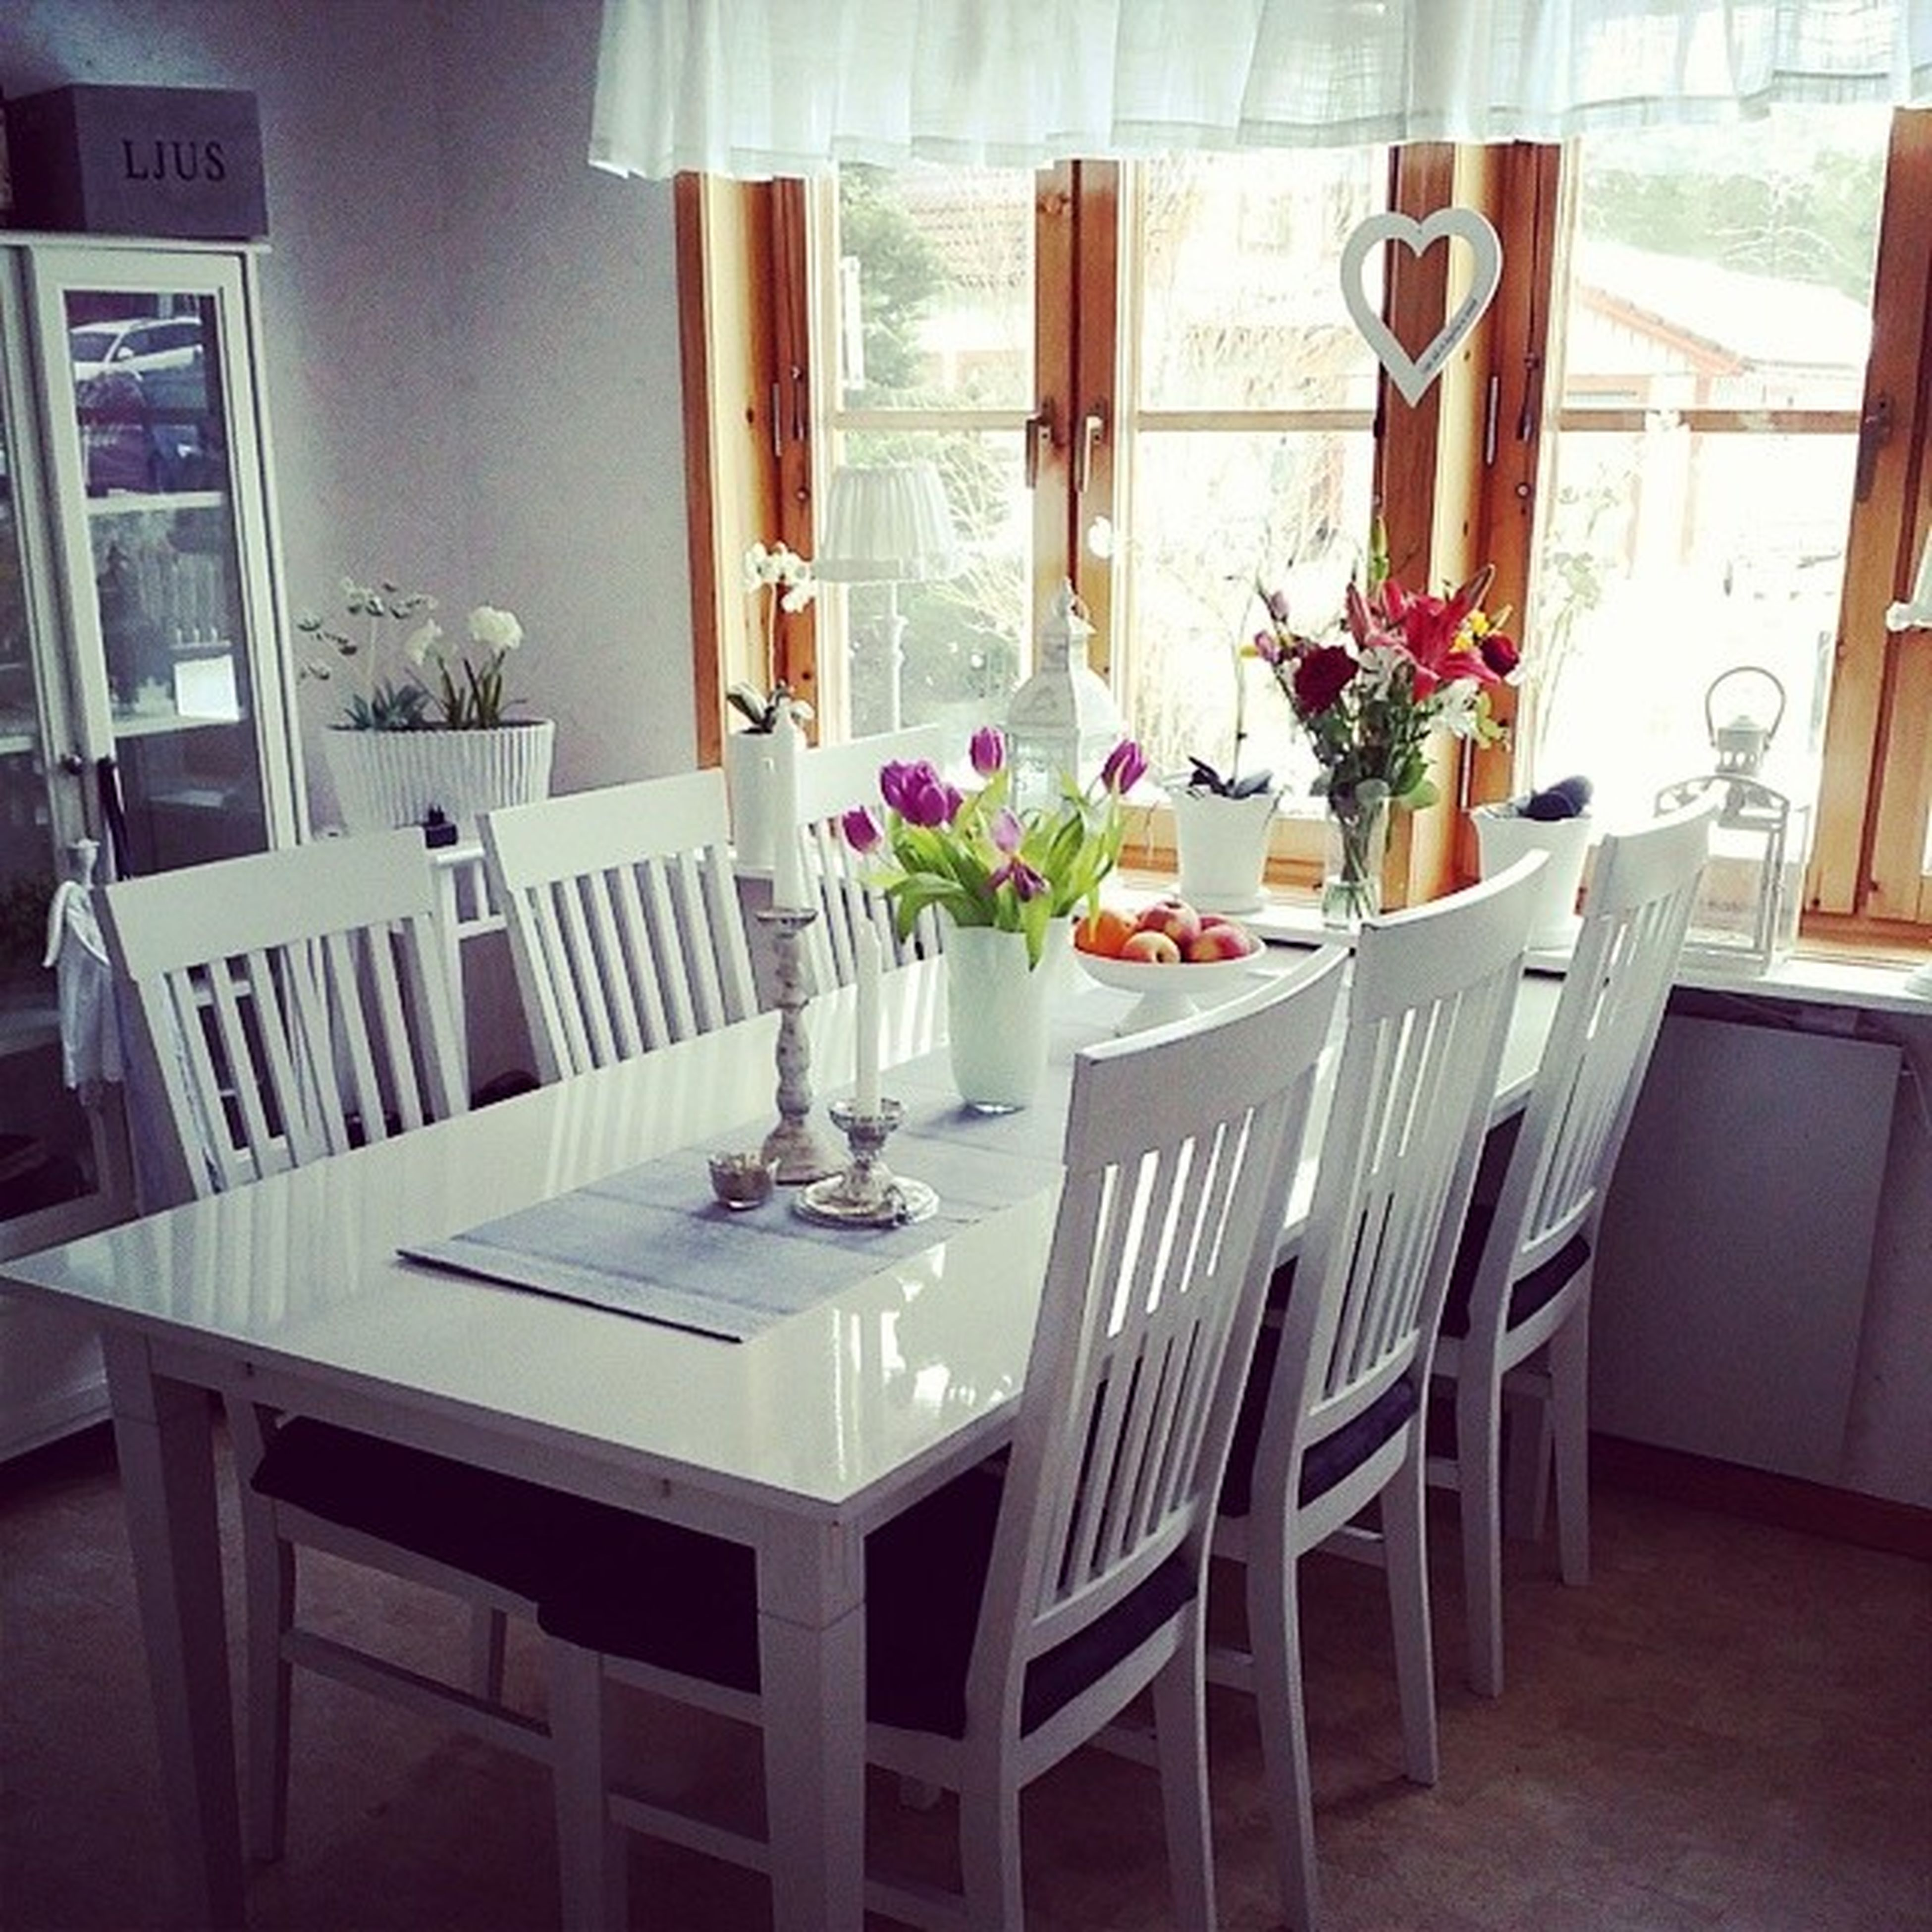 Sådär, då kan man sitta många runt bordet här hemma också! ? Tackmamma ?